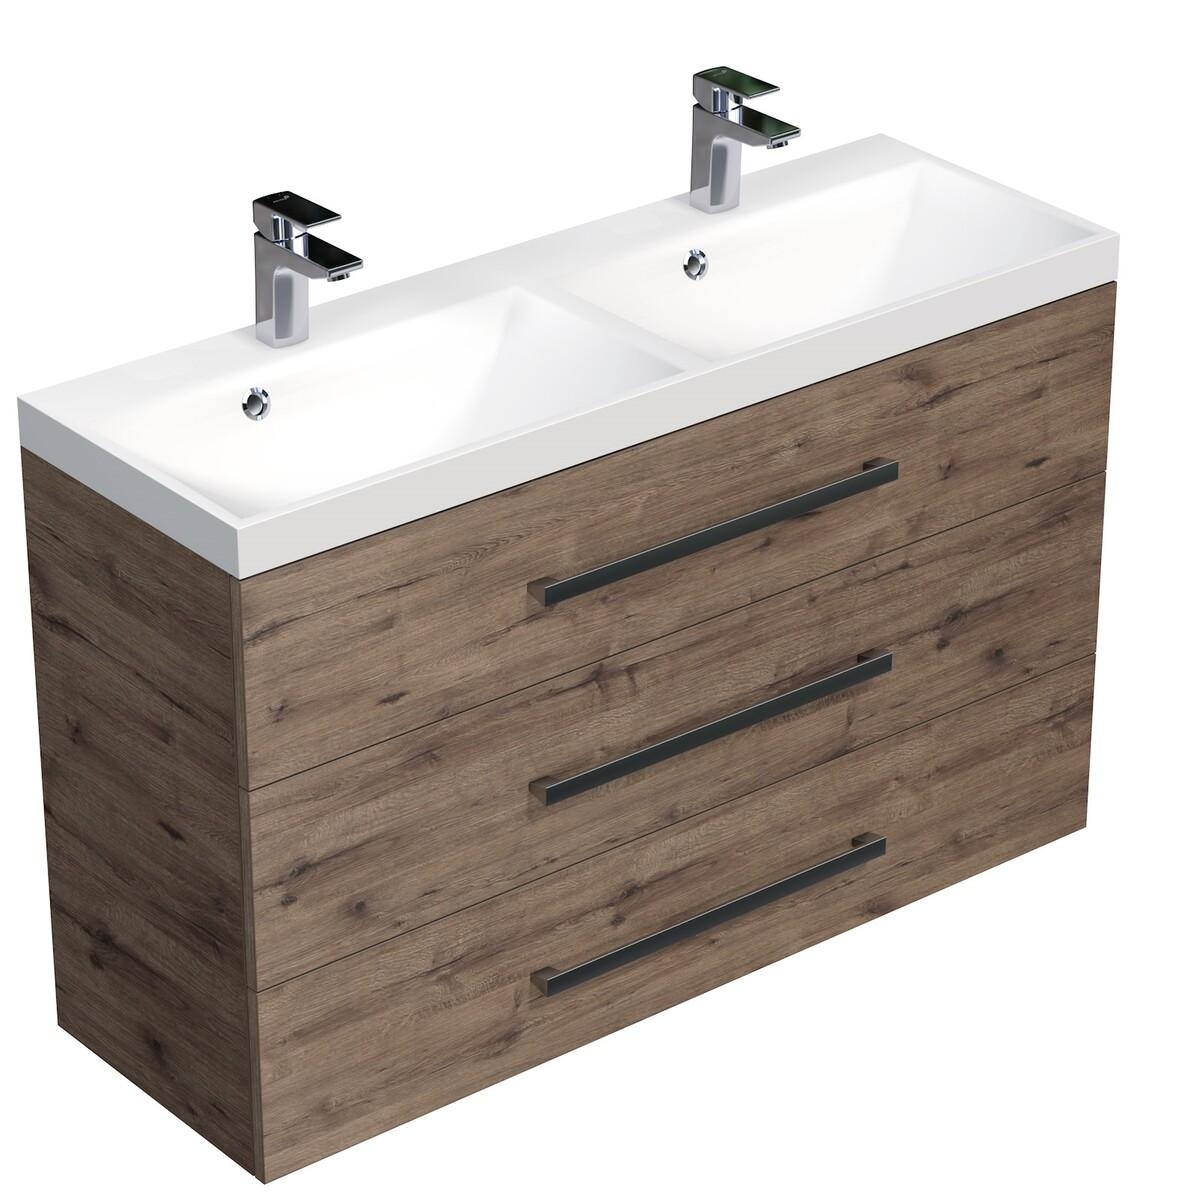 Koupelnová skříňka s umyvadlem Naturel Cube Way 120x76,5x40 cm dub wellington CUBE21203DW